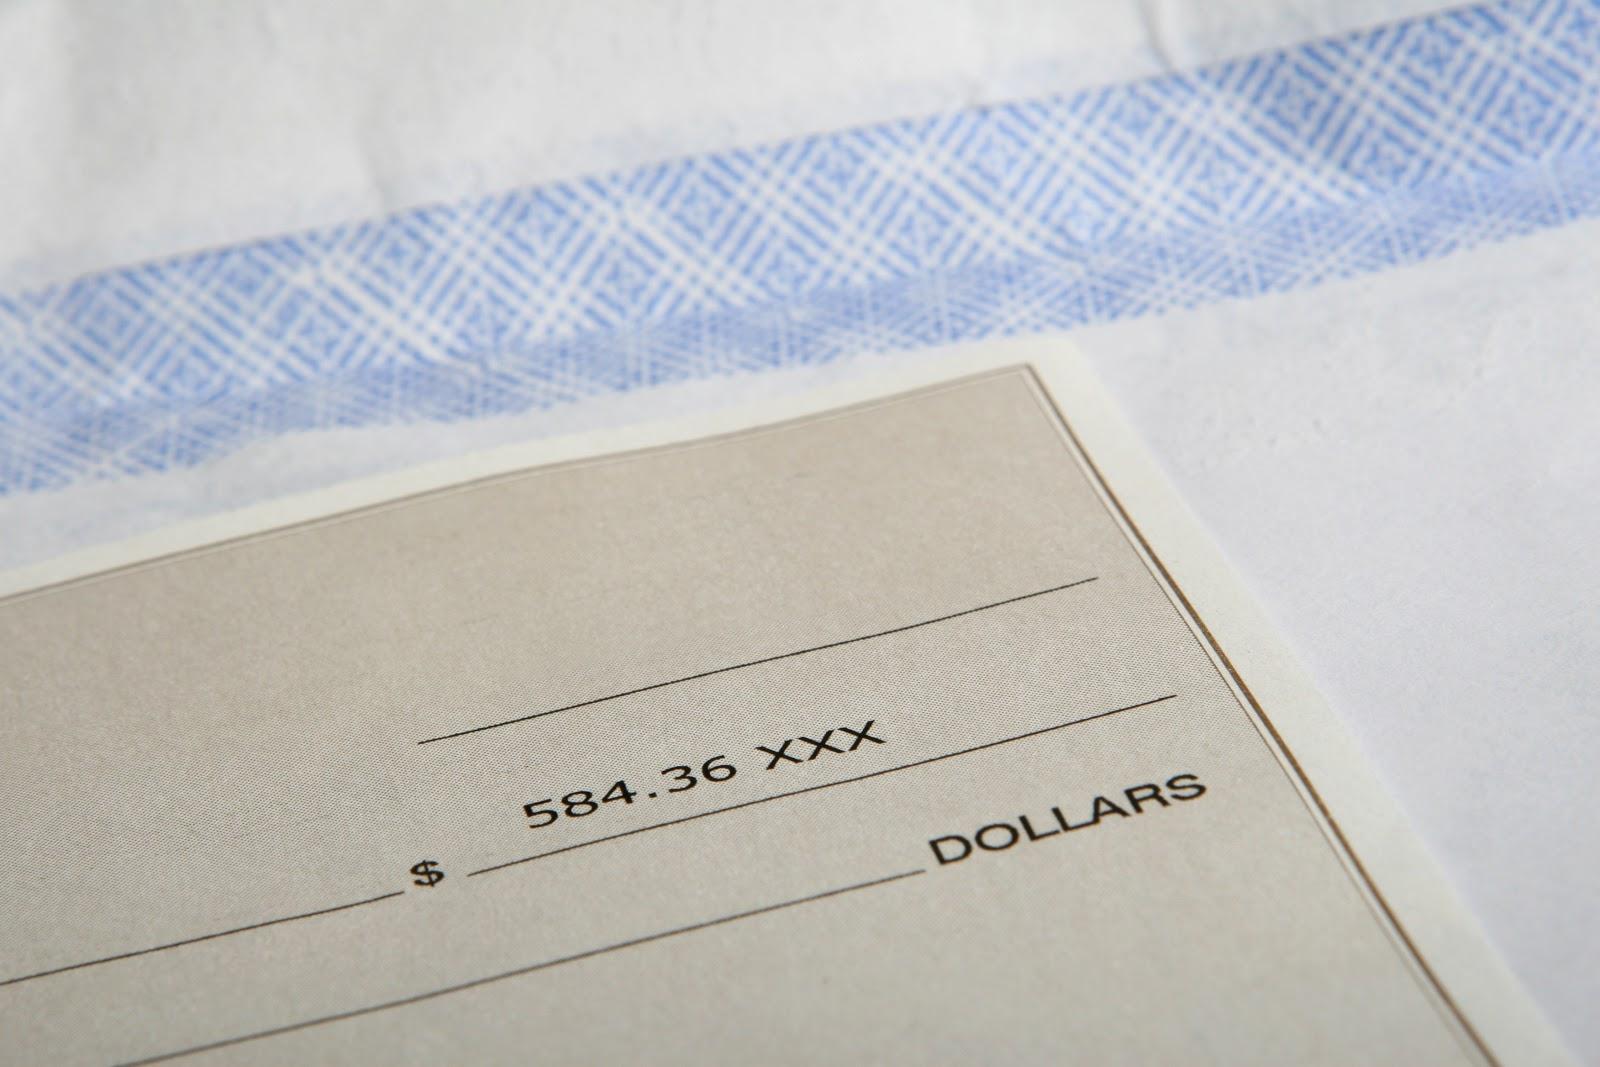 Primer plano del cheque del banco